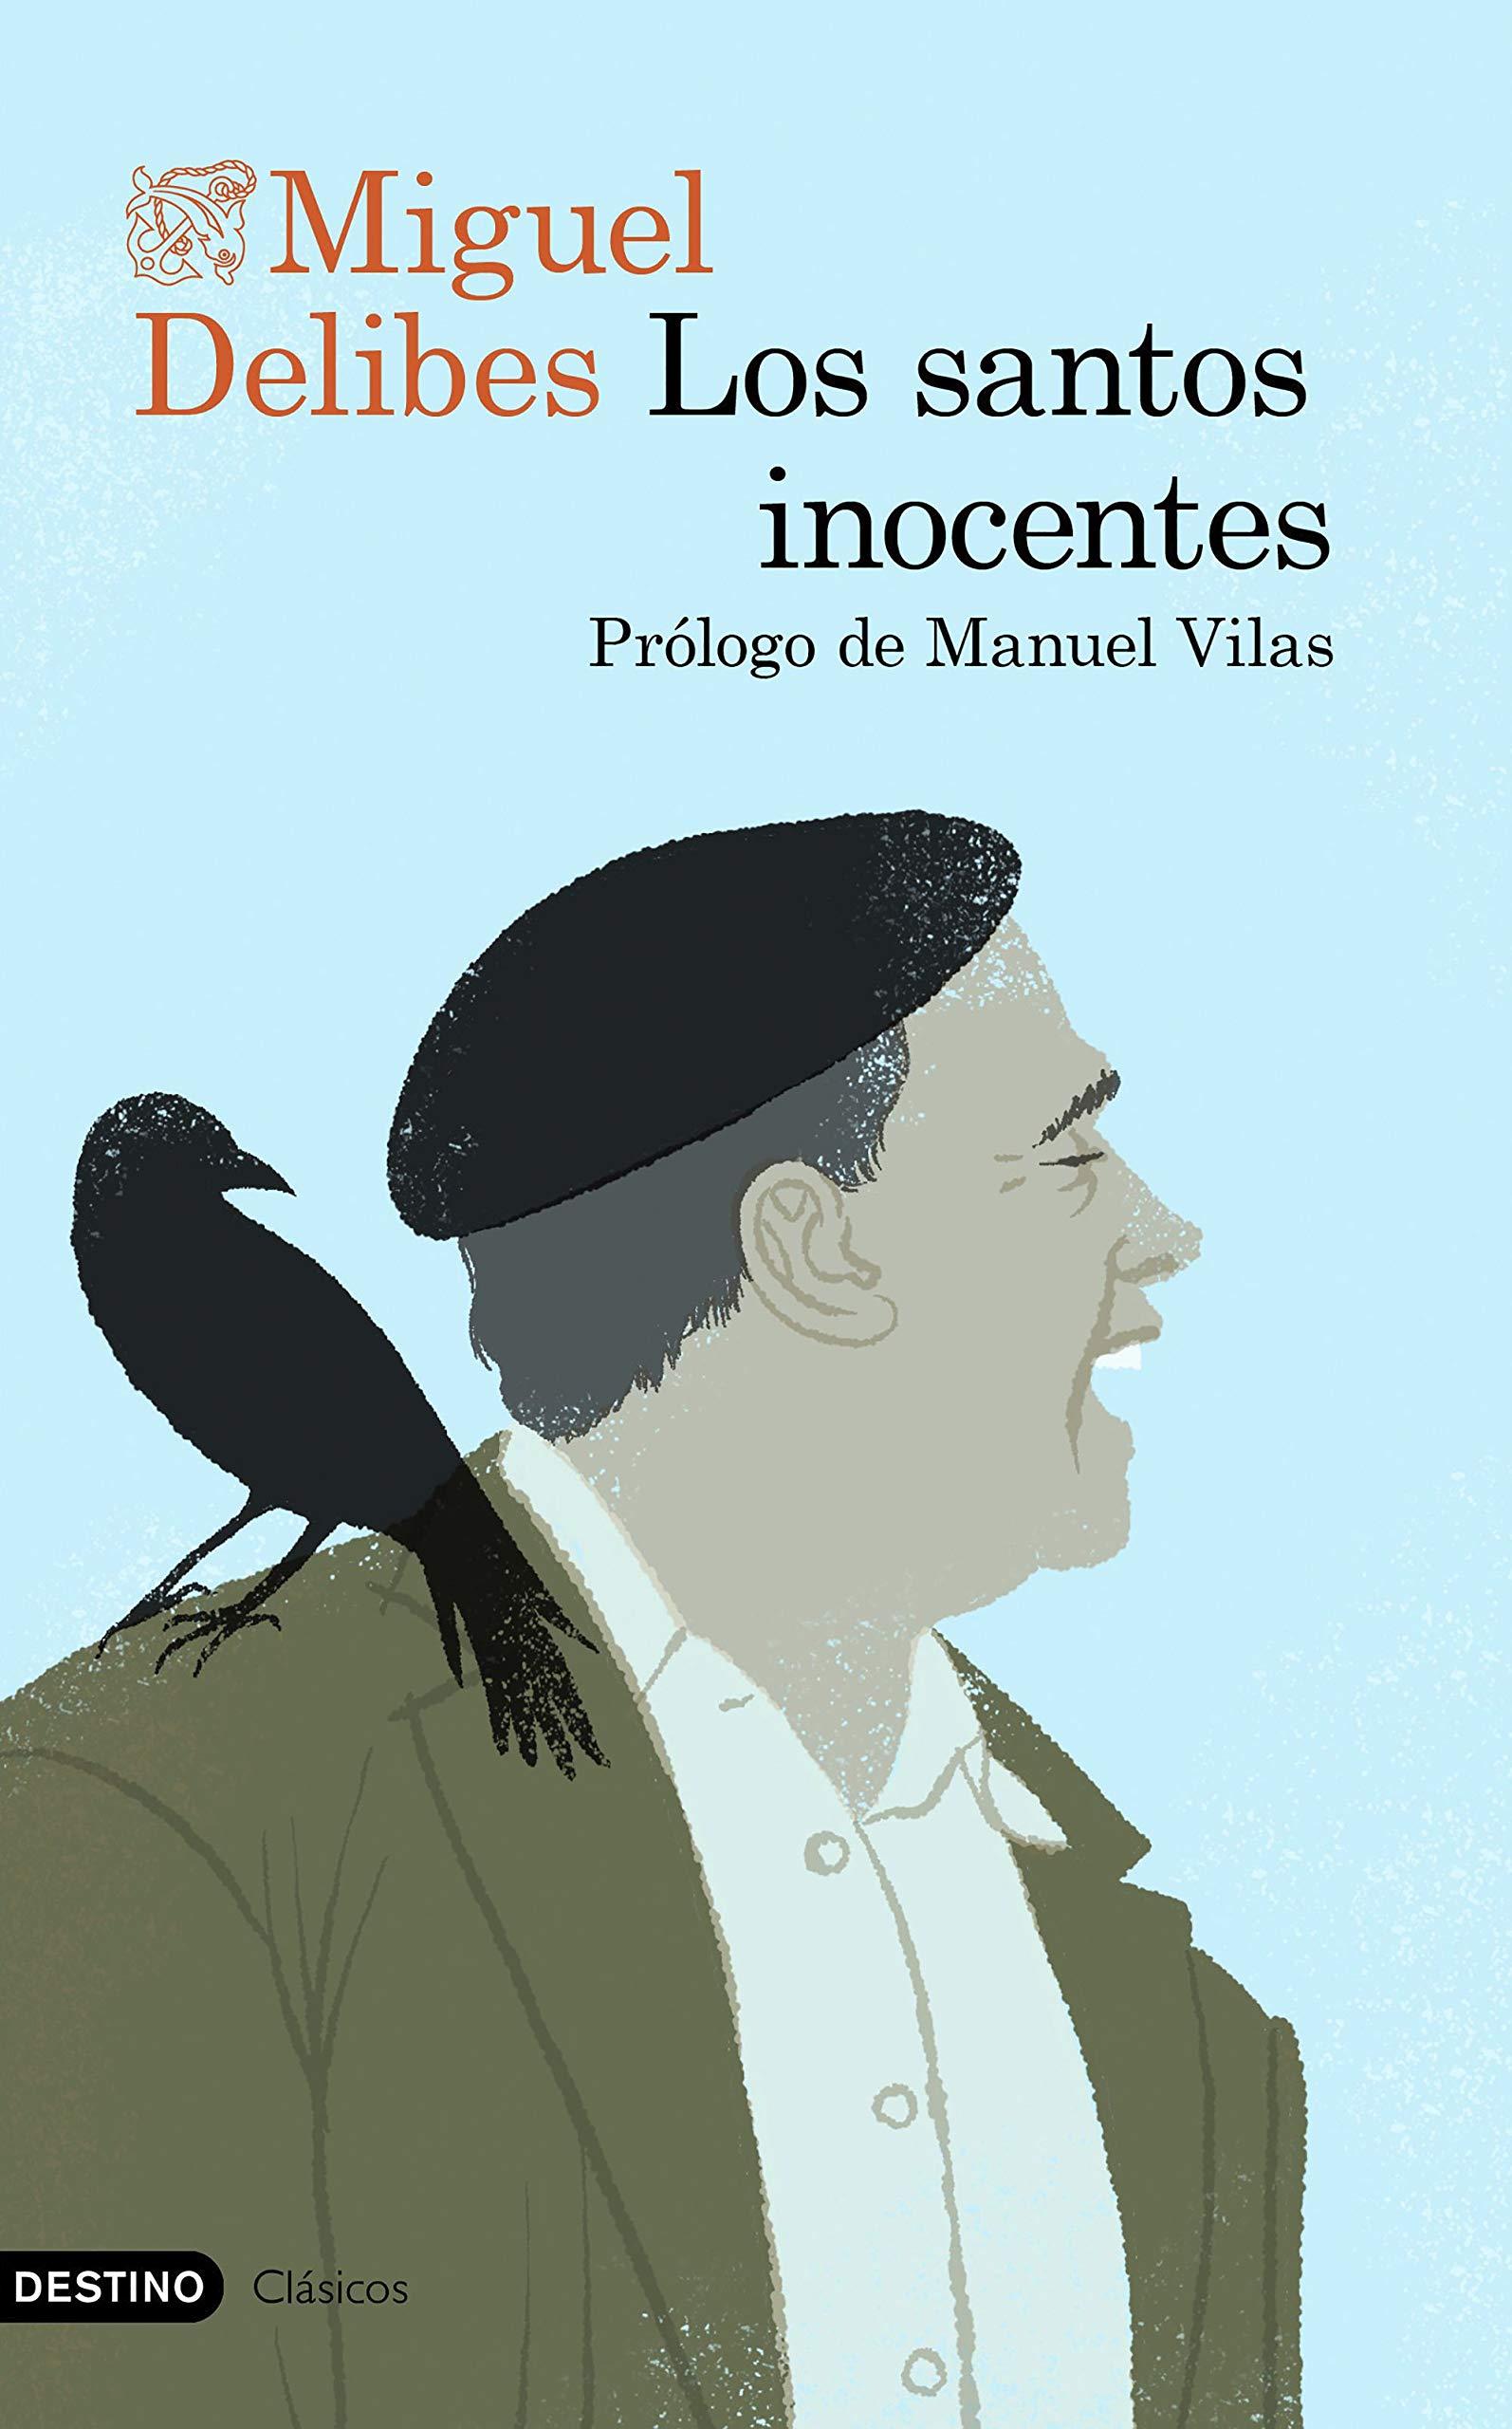 Los santos inocentes: Prólogo de Manuel Vilas Destino Clásicos: Amazon.es: Delibes, Miguel: Libros